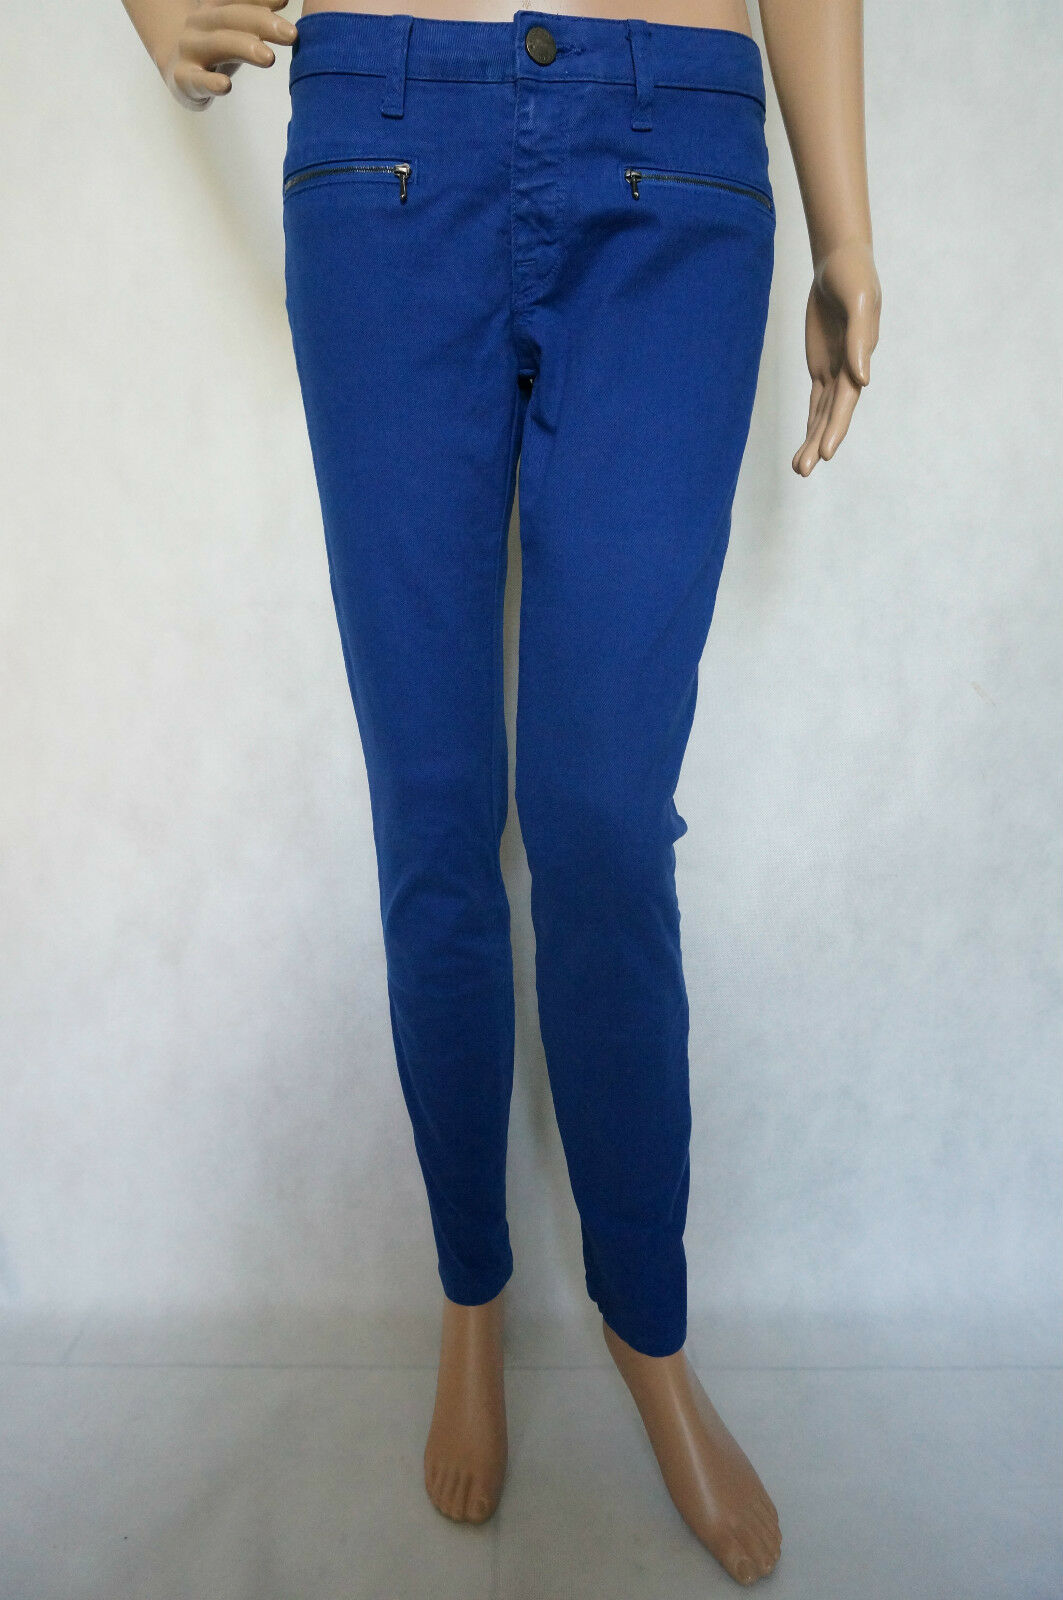 VICTORIA BECKHAM  Damen Jeans Röhrenjeans Größe   27 Blau